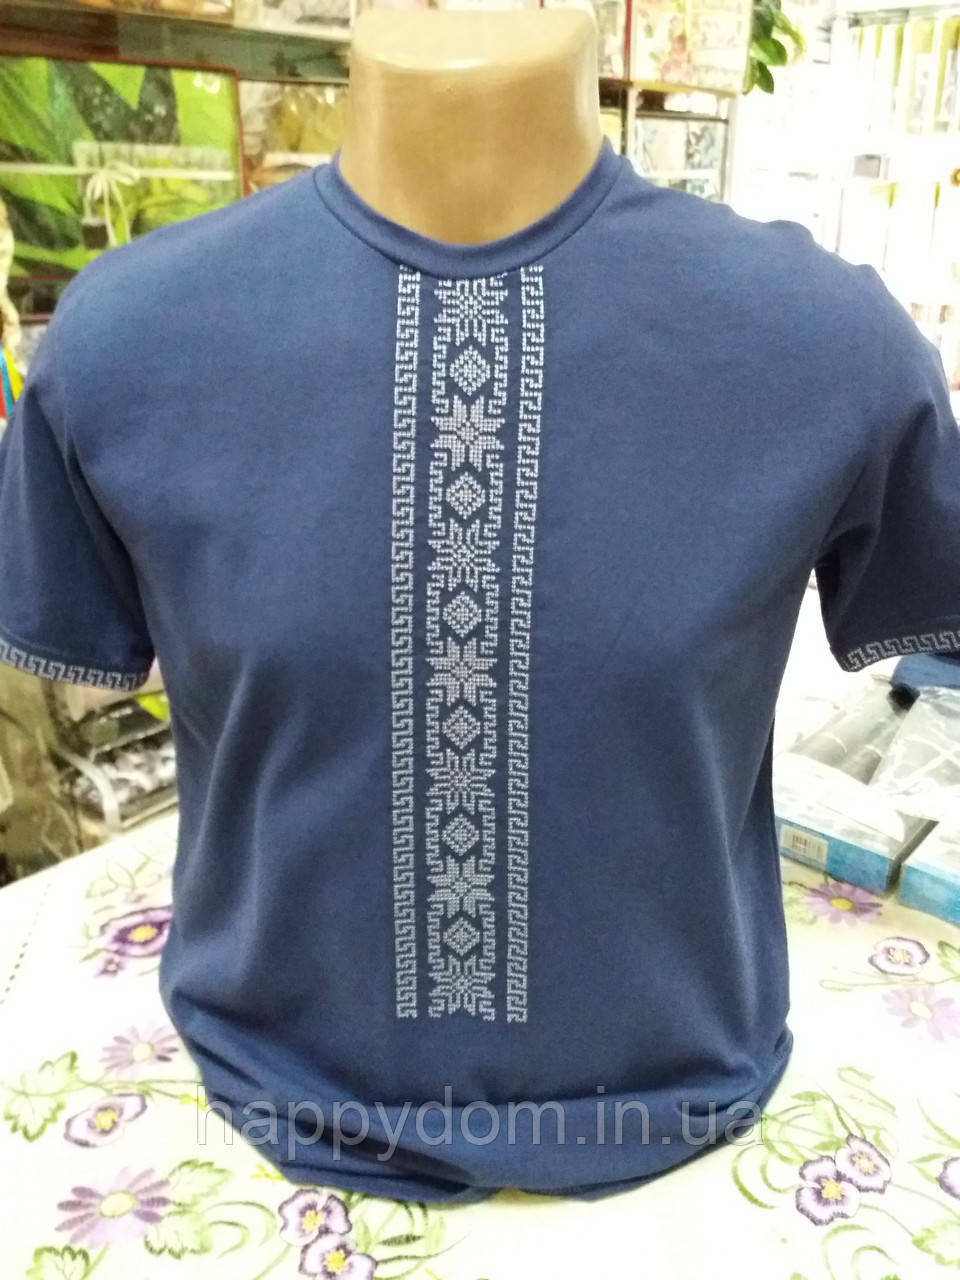 Вышиванка  футболка молодежная синий